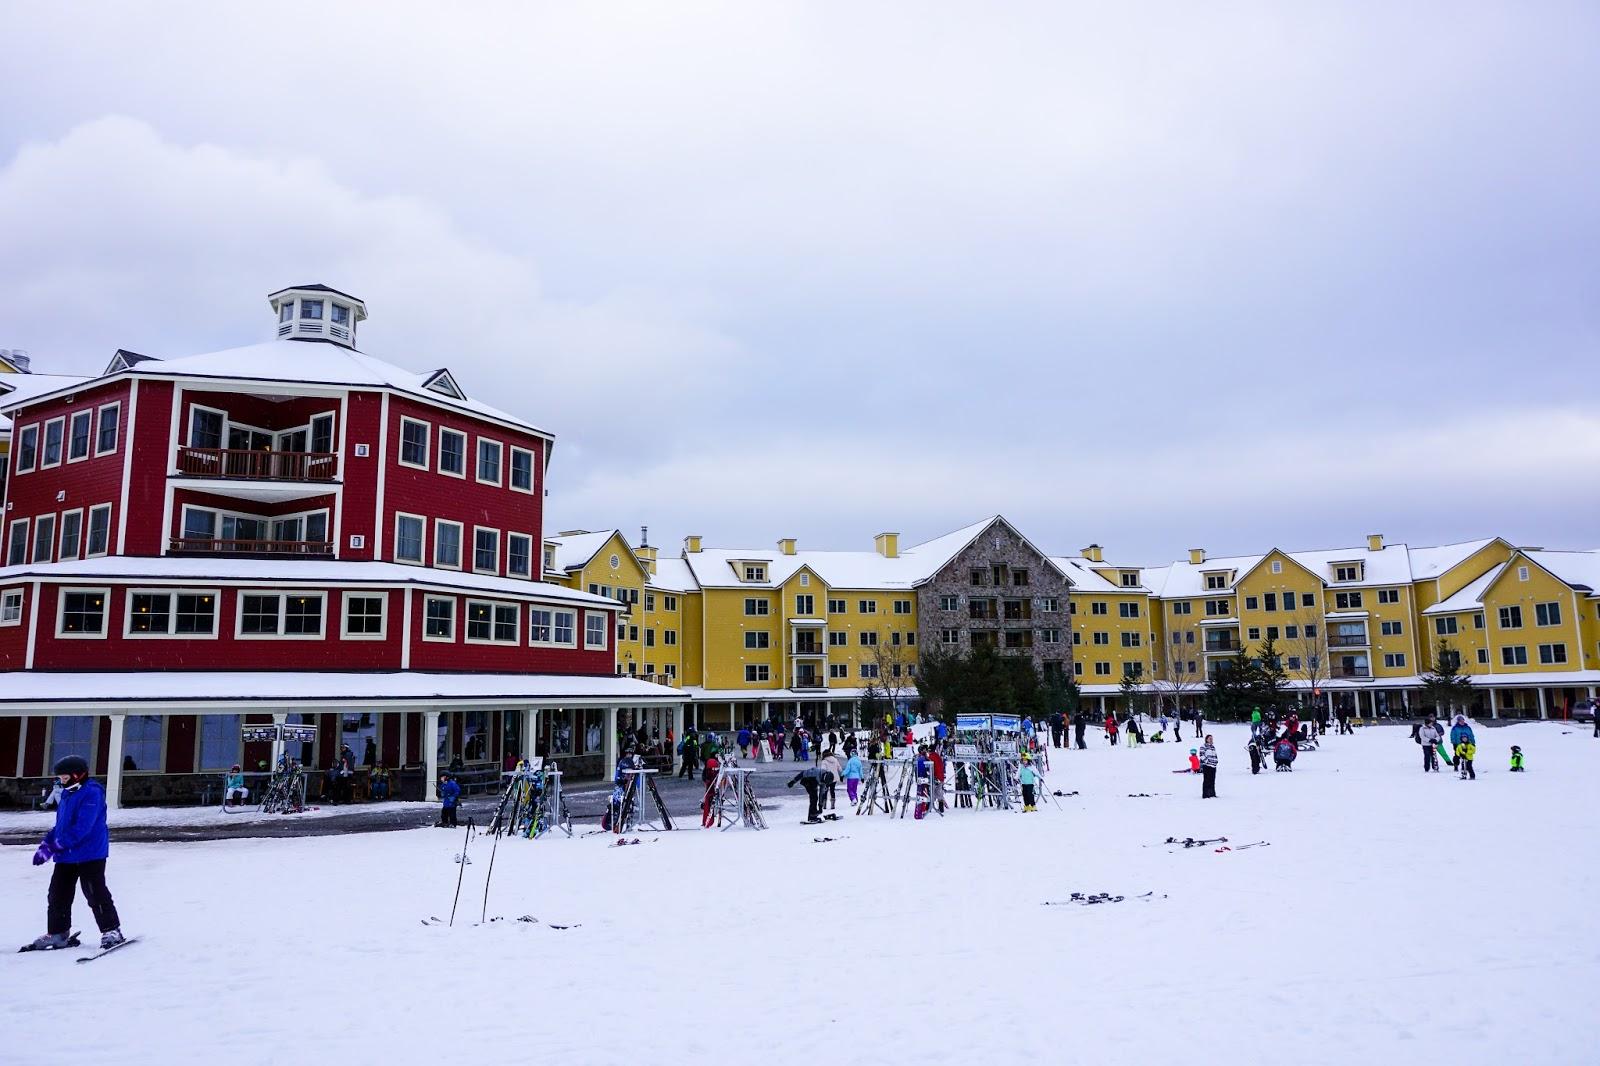 ski vt at okemo mountain resort- ludlow, vermont